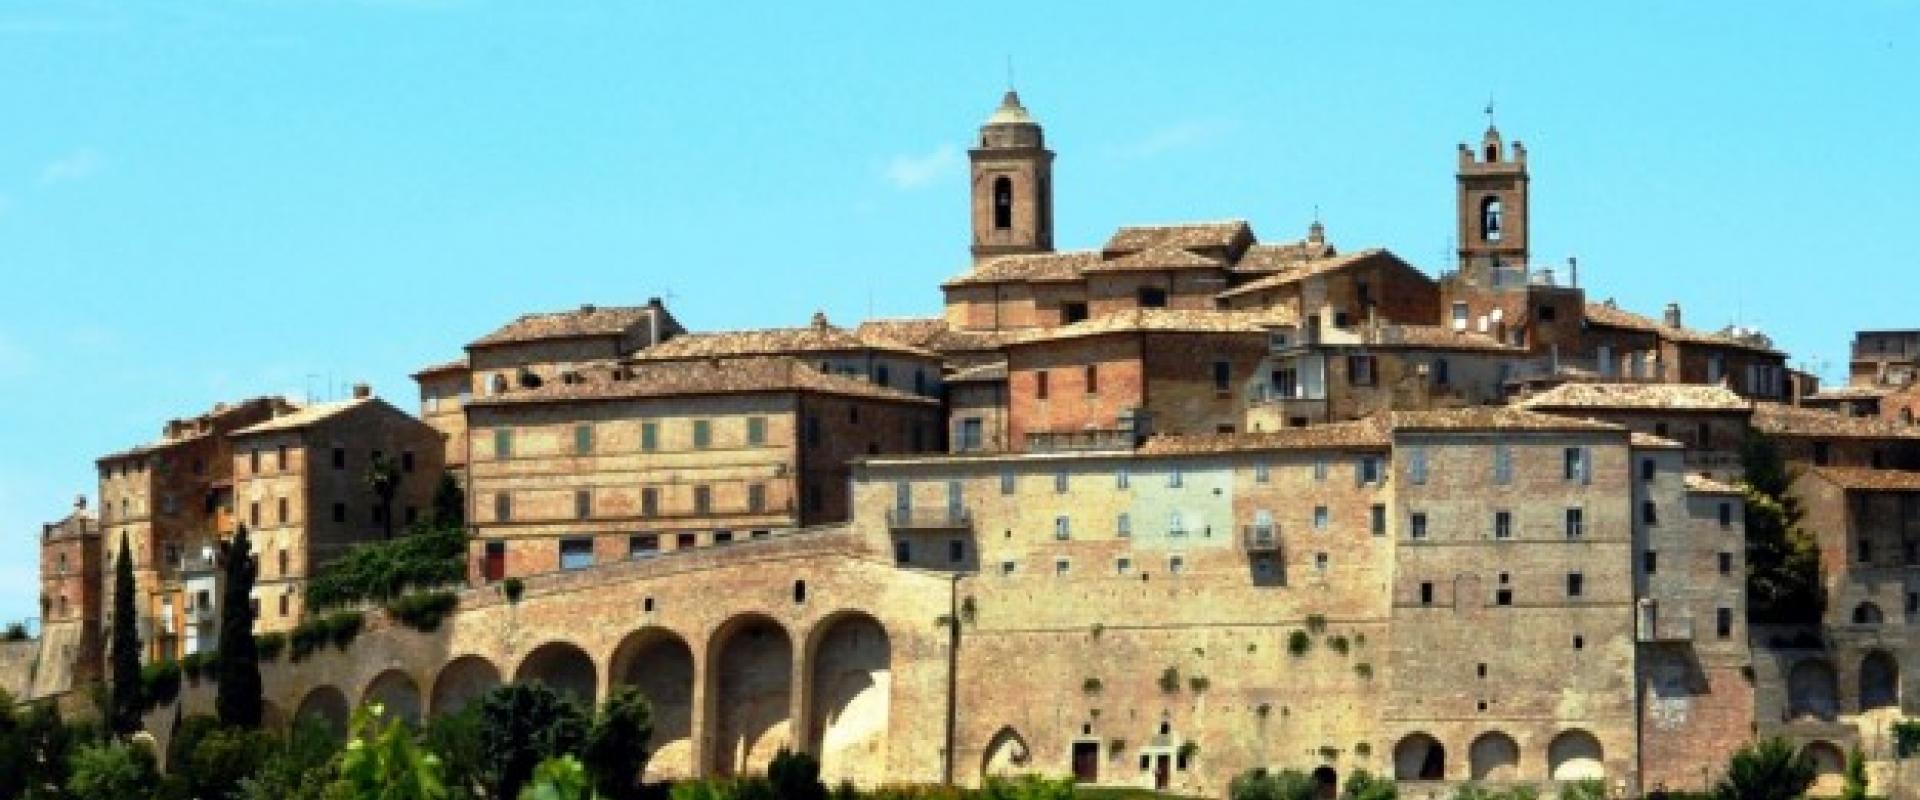 Visit of Montefiore dell' Aso Marche